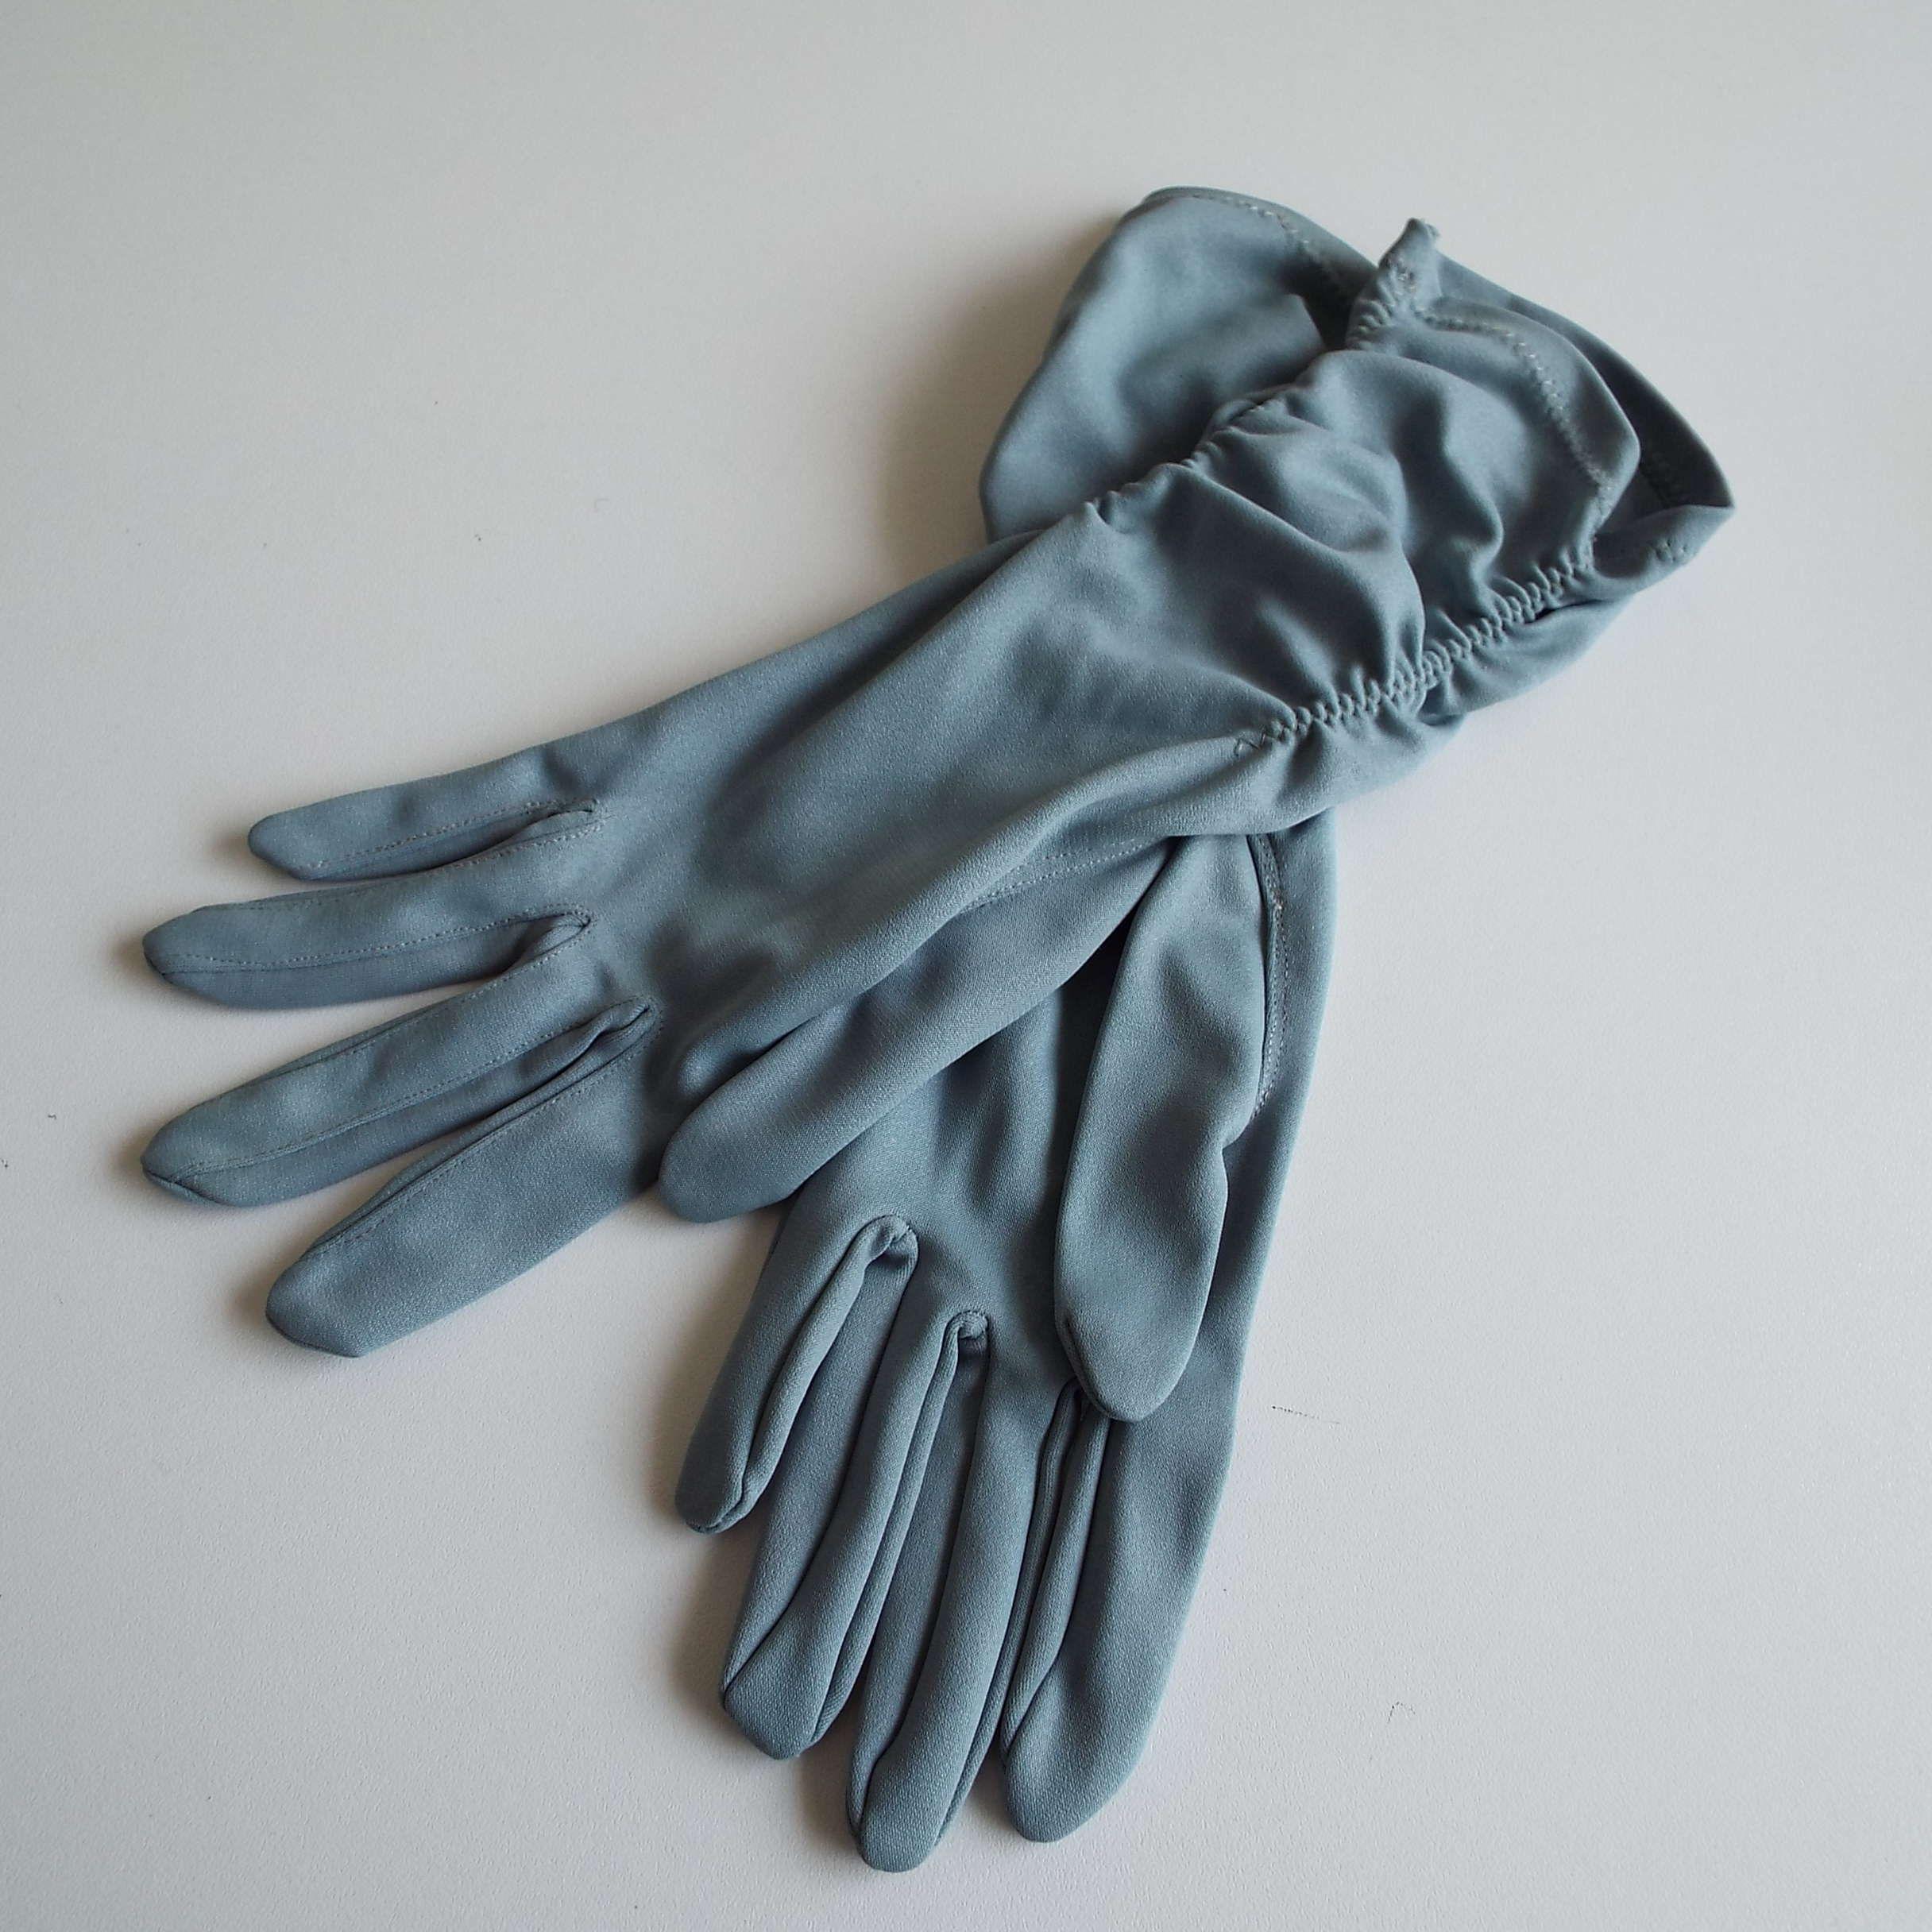 Vintage 1960's Finelon Powder Blue Evening Gloves Formal